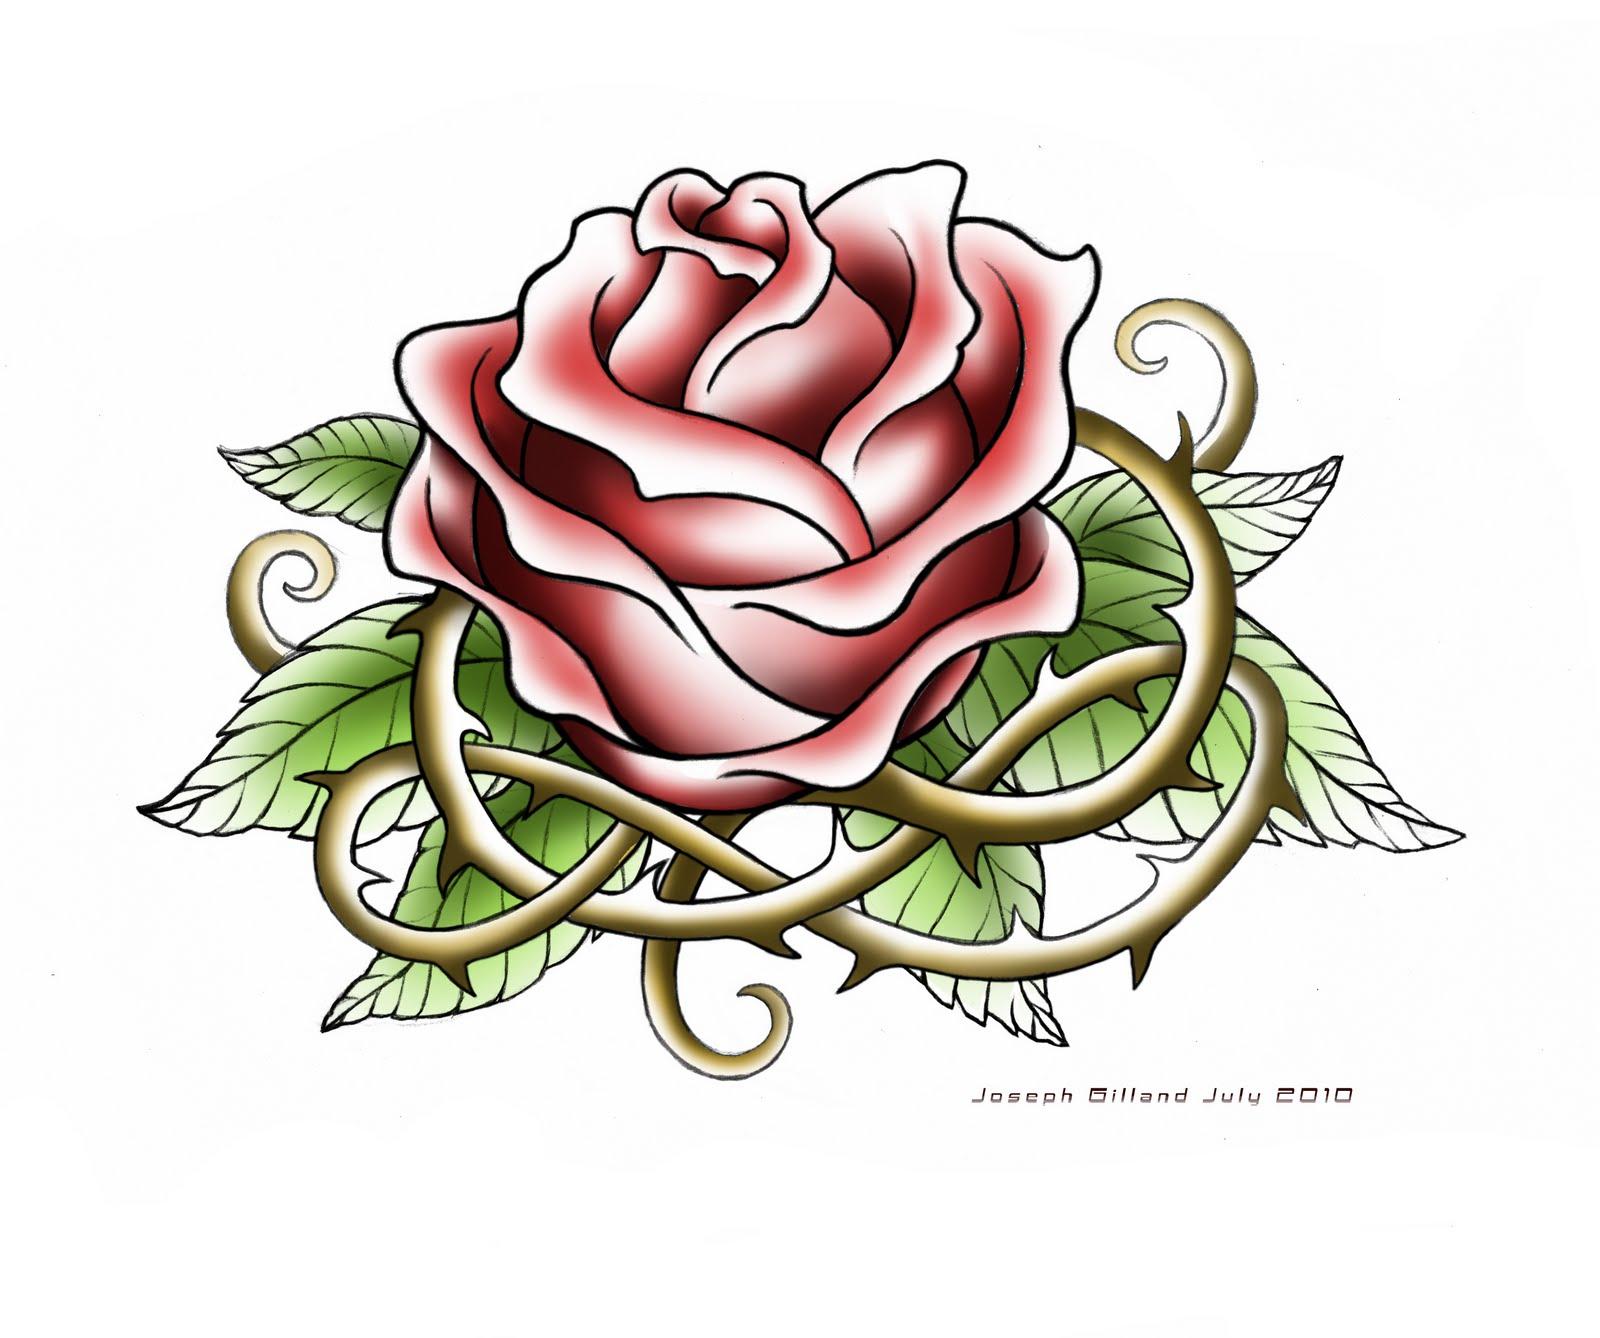 http://1.bp.blogspot.com/-O4H4ccs0YIs/Tg9GDmElW-I/AAAAAAAAAIc/AsfWfxllyP0/s1600/rosetattoo_01.jpg